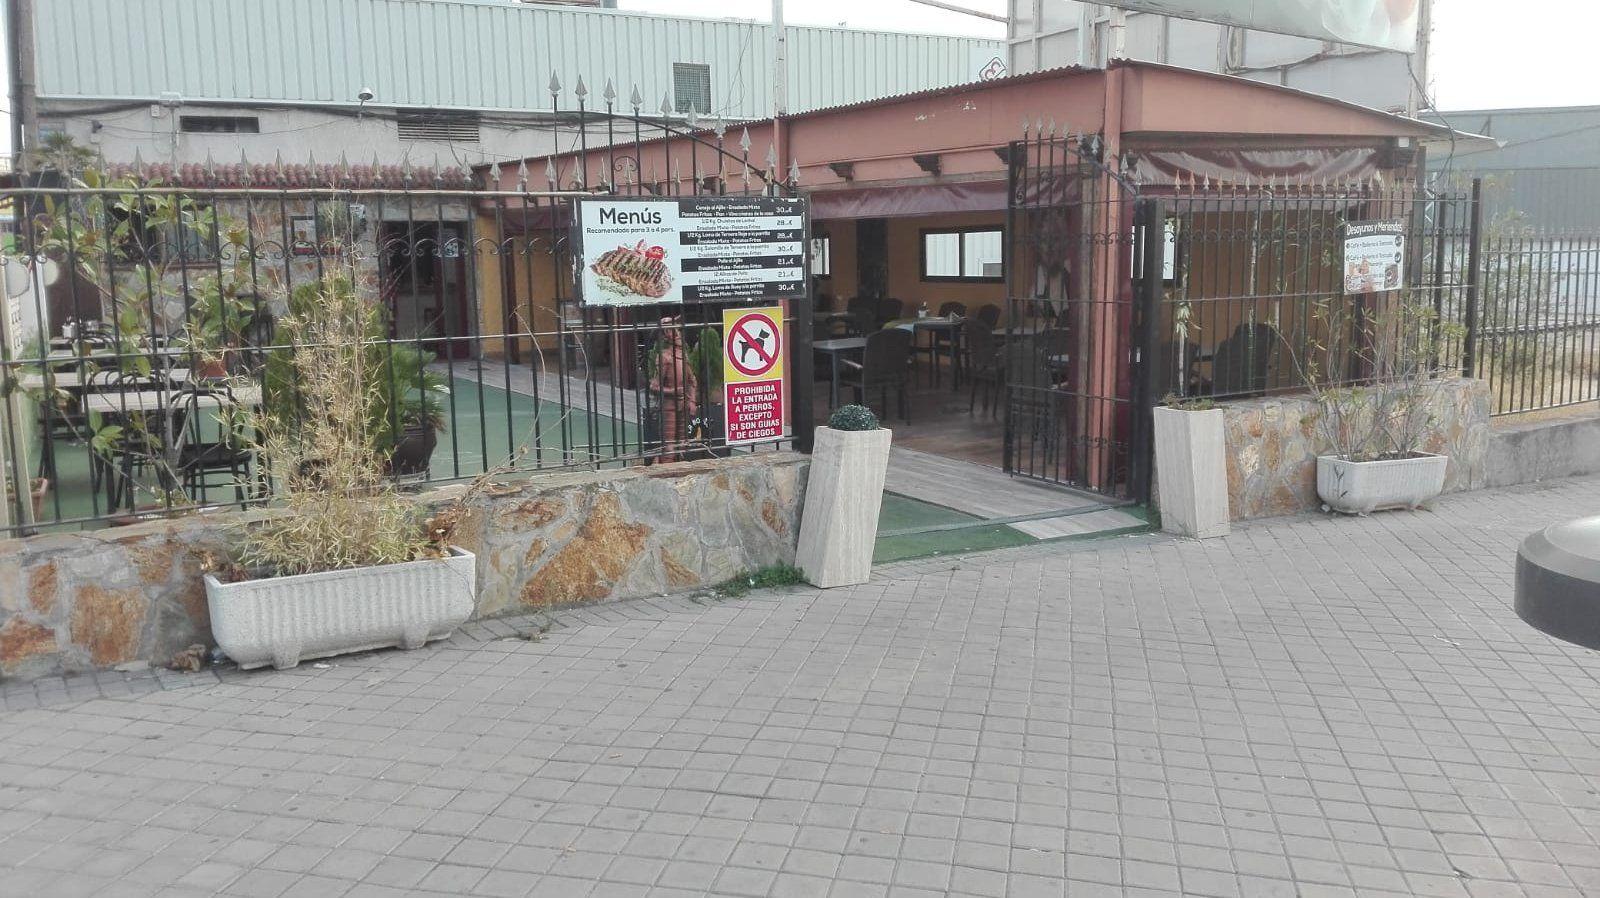 Amplia zona de aparcamiento